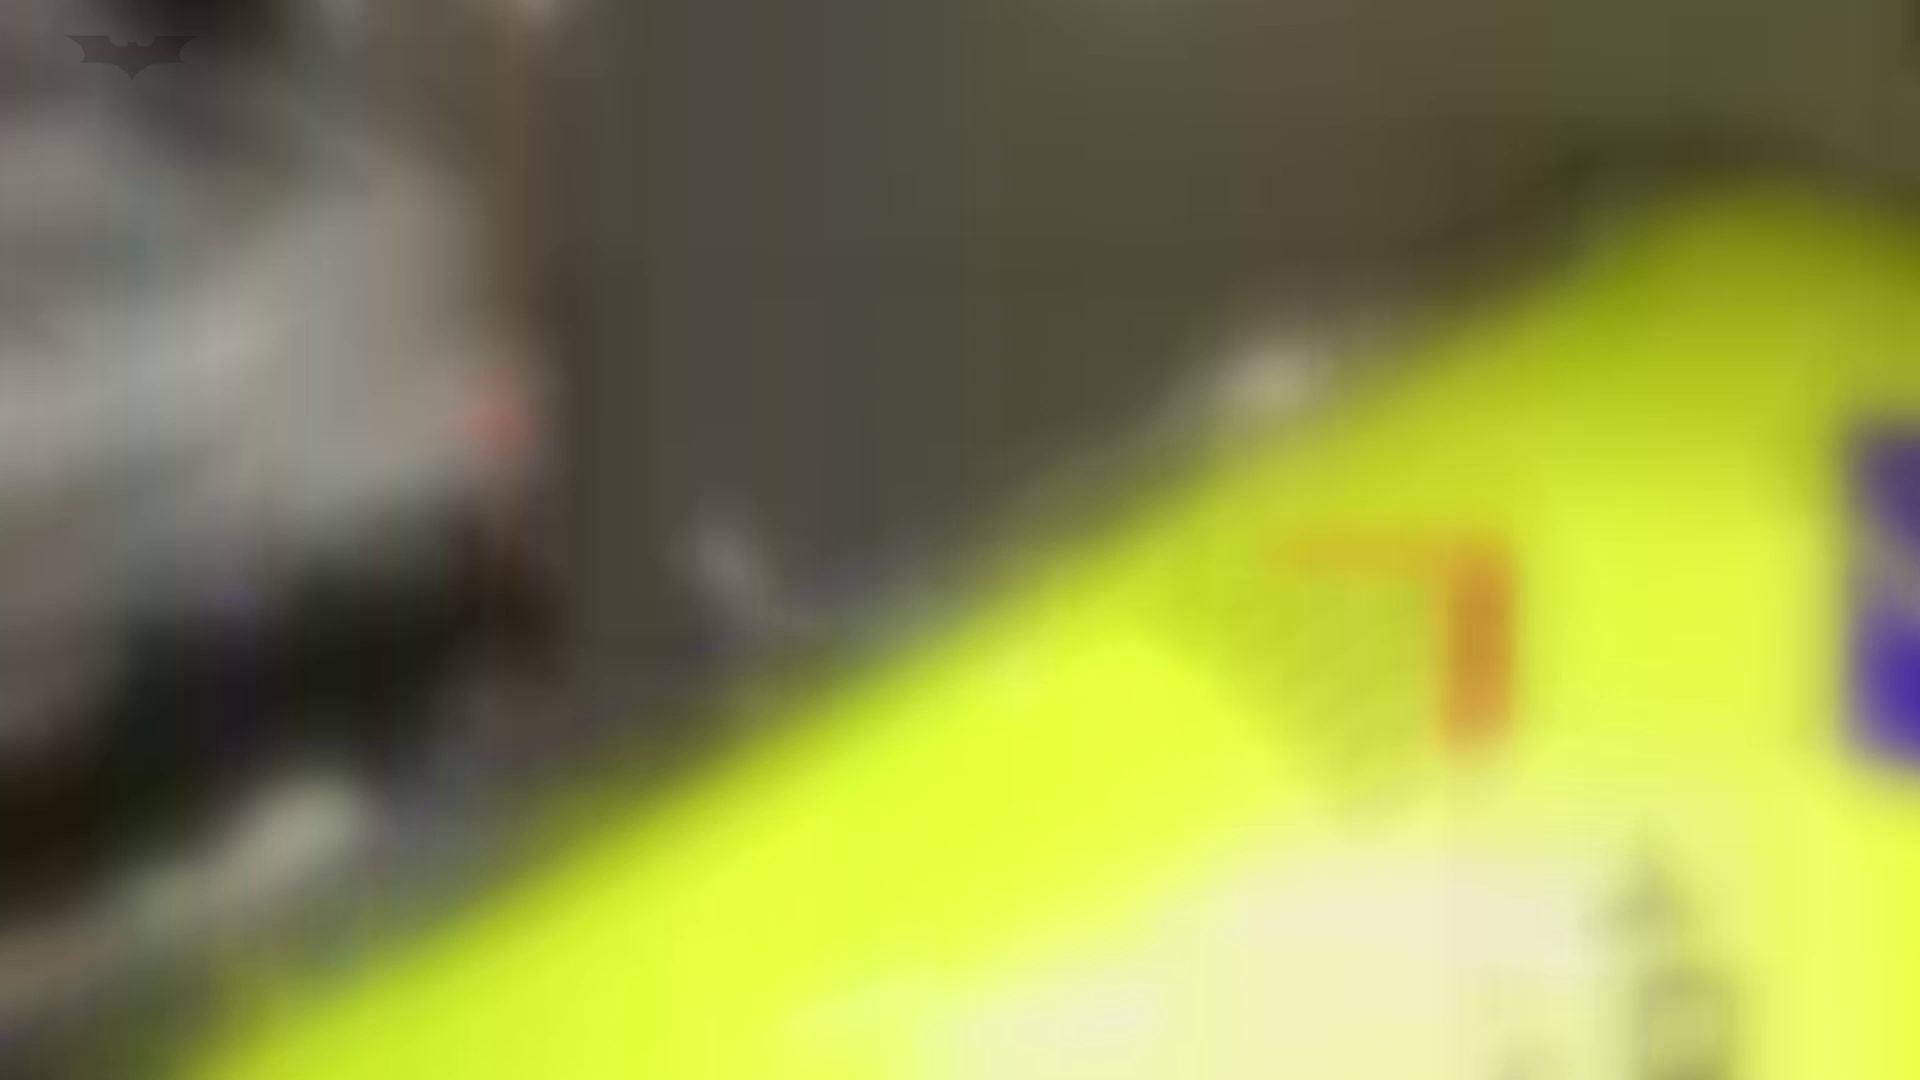 階段パンチラ Vol.01 パンツ スケベ動画紹介 107連発 87